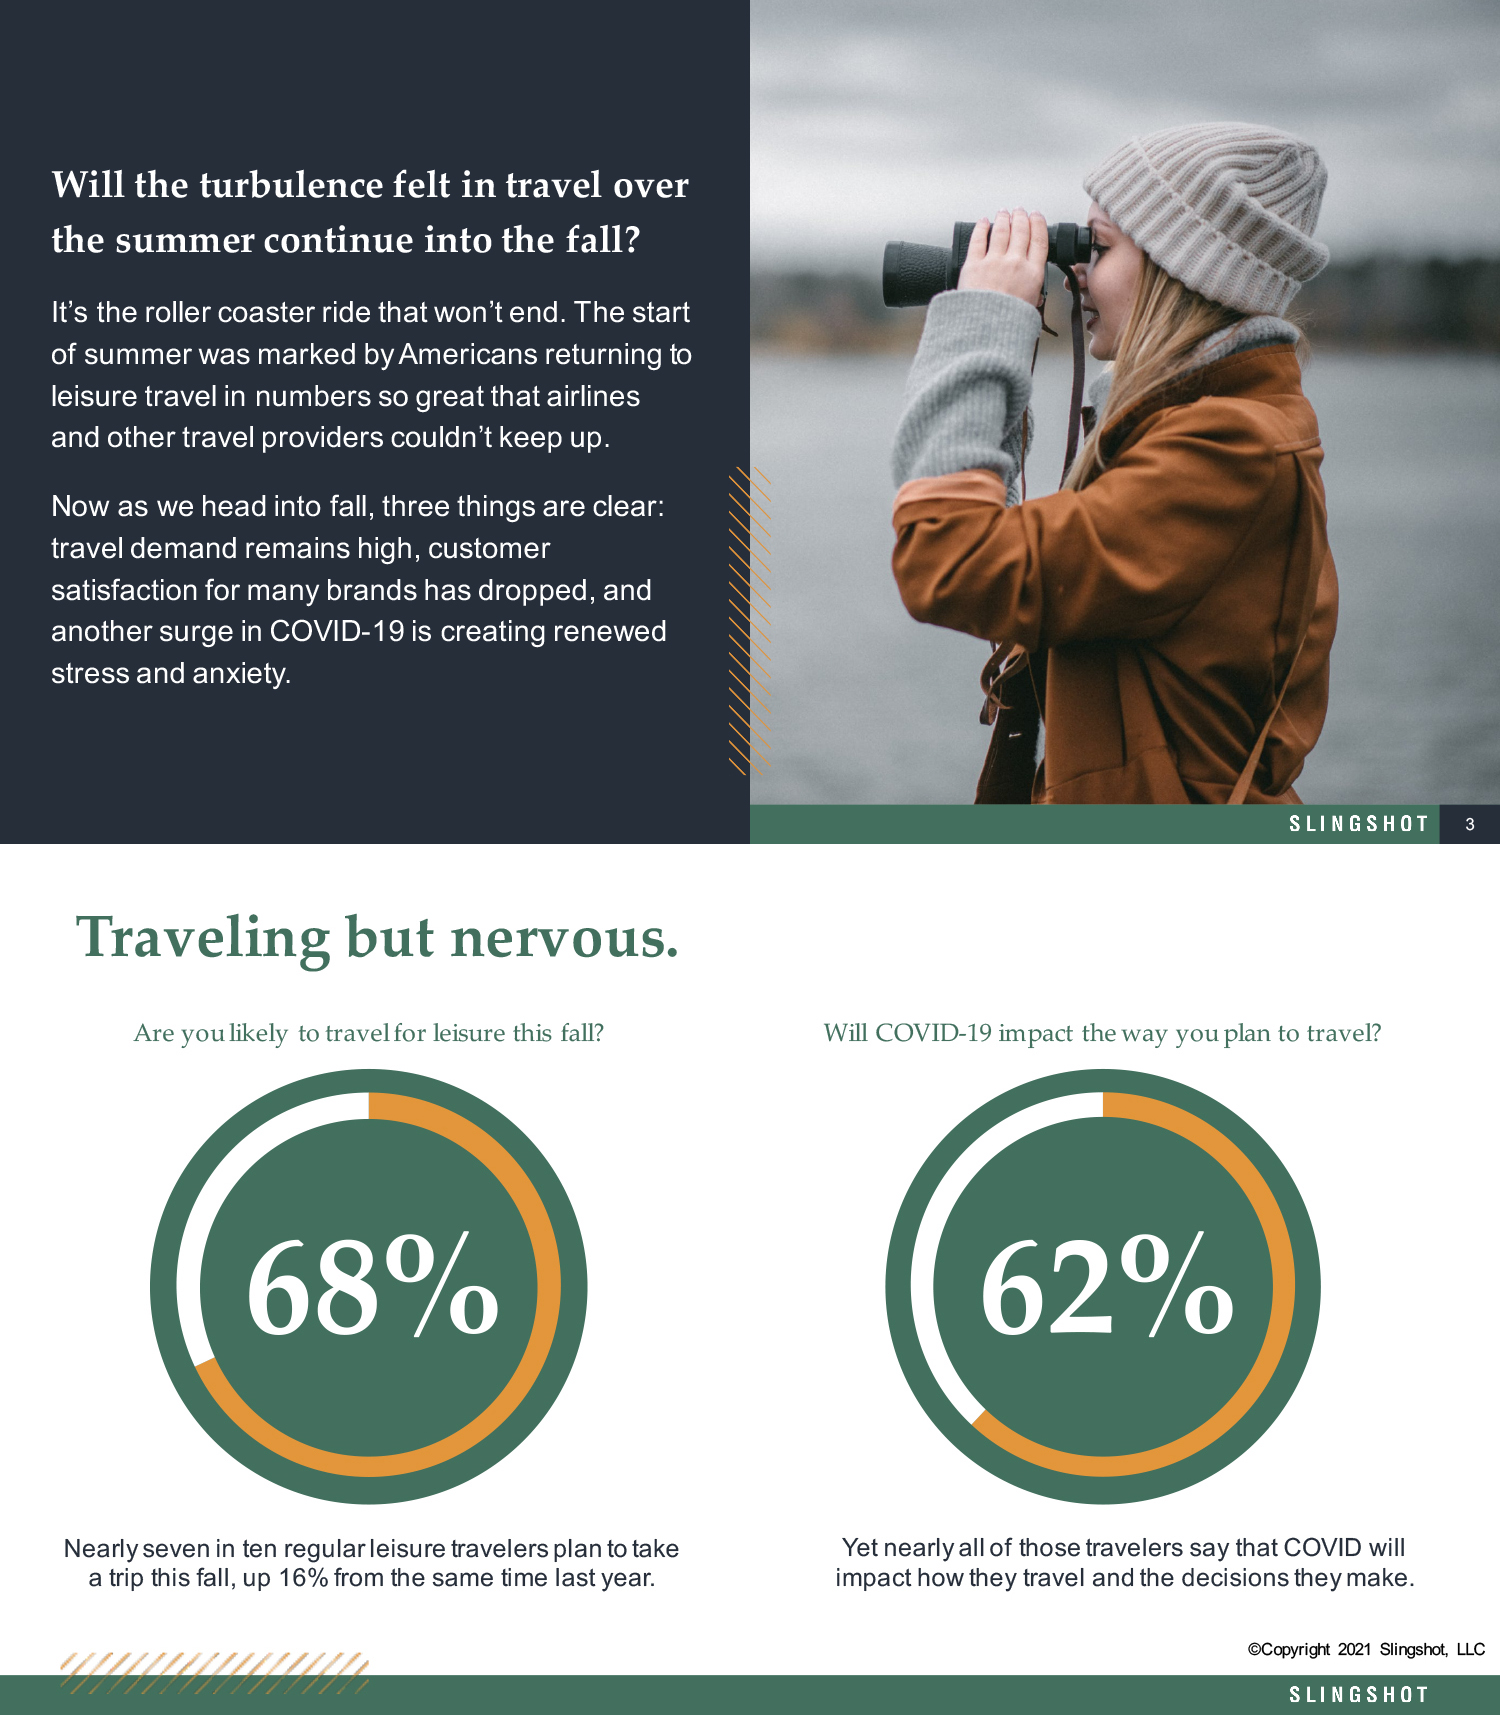 Explore_Leisure-Travel_Forecast_Fall_2021_Thumbnail_3